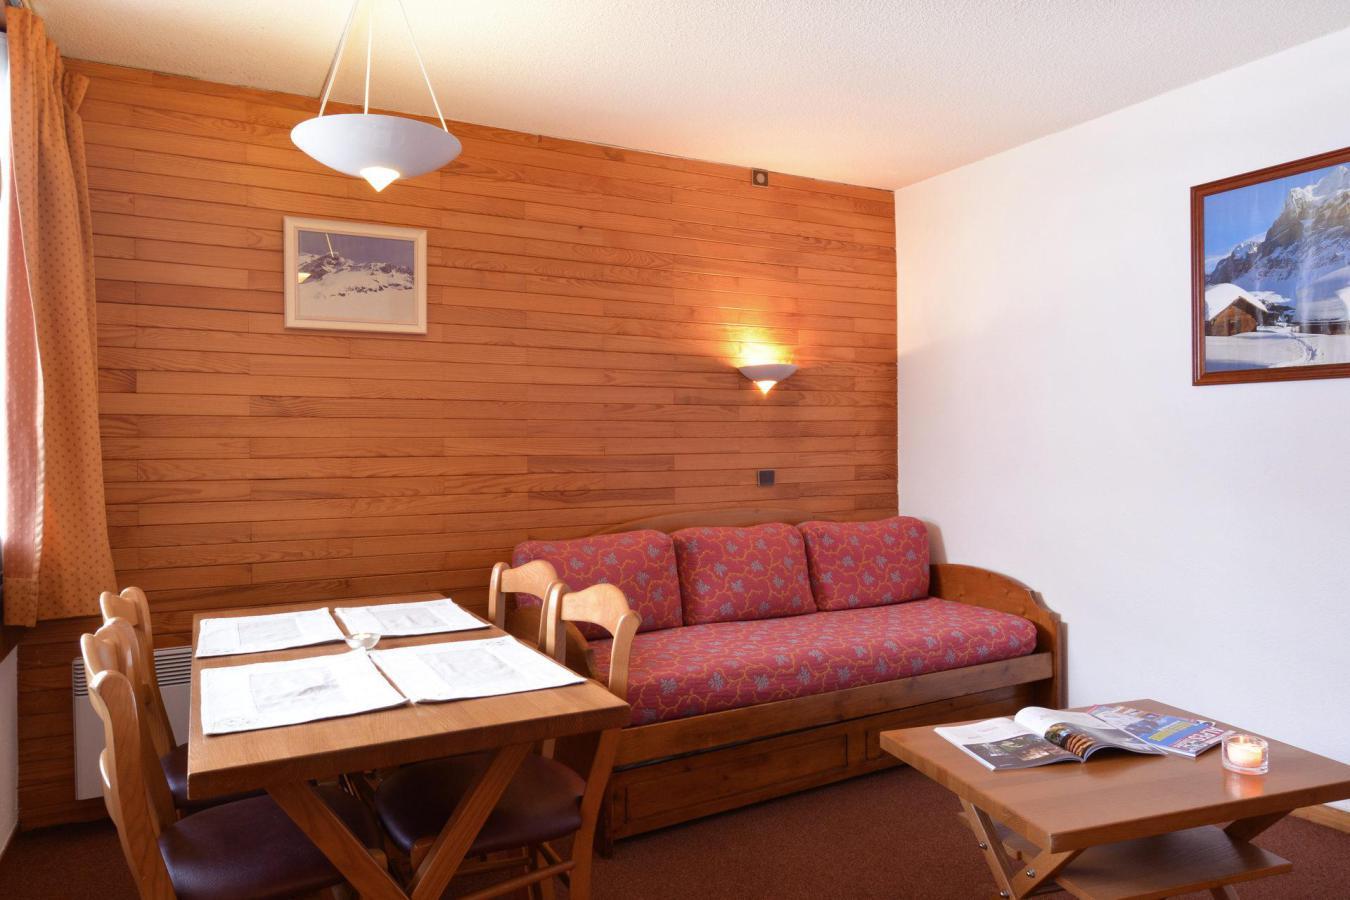 Location au ski Appartement 2 pièces 5 personnes (54) - Residence Carroley B - La Plagne